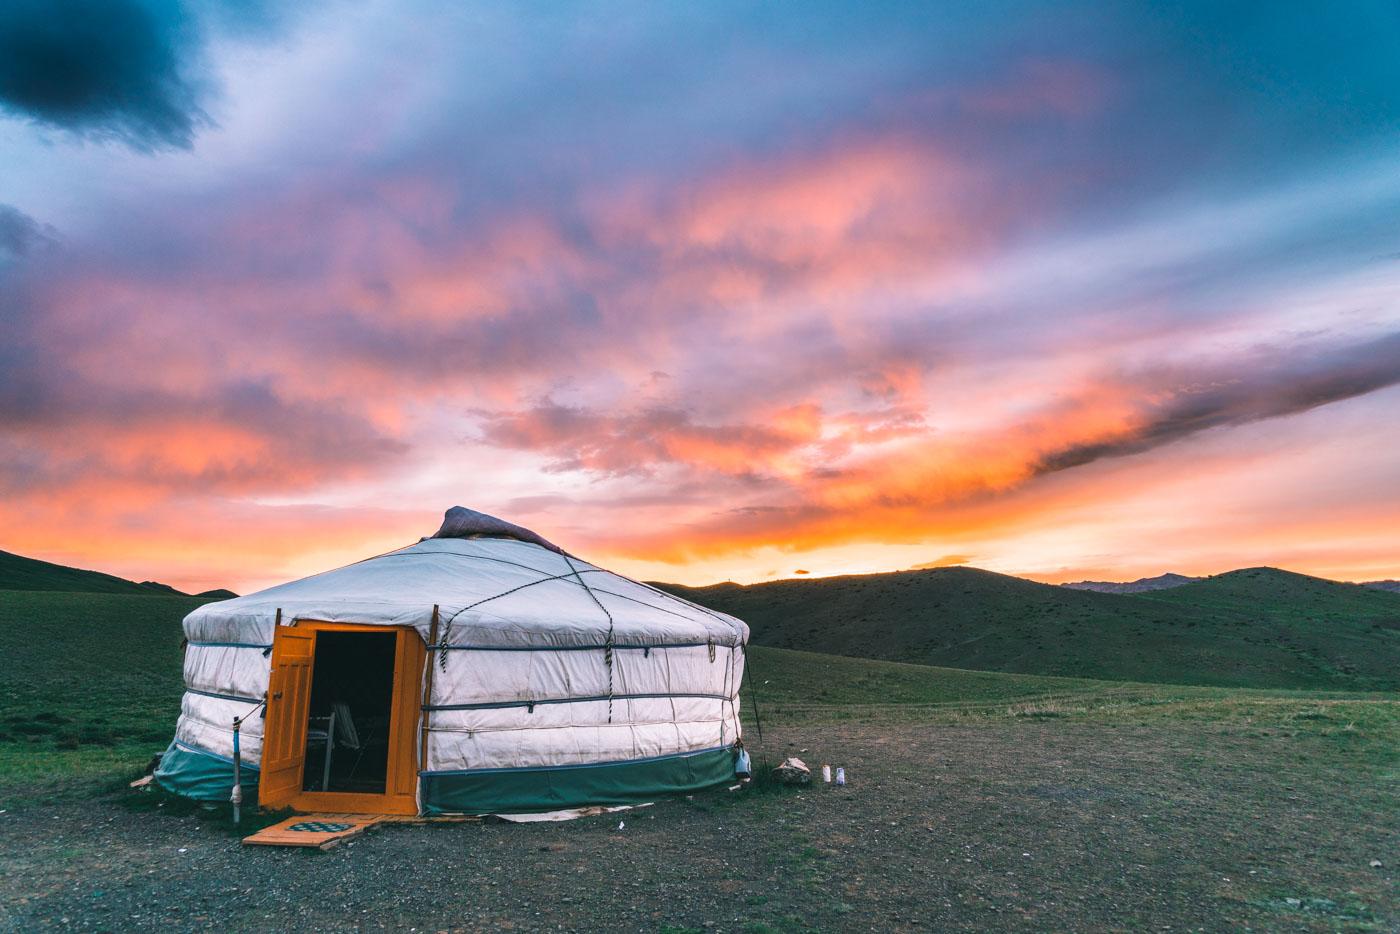 Sunset over the ger camp in Gobi Desert